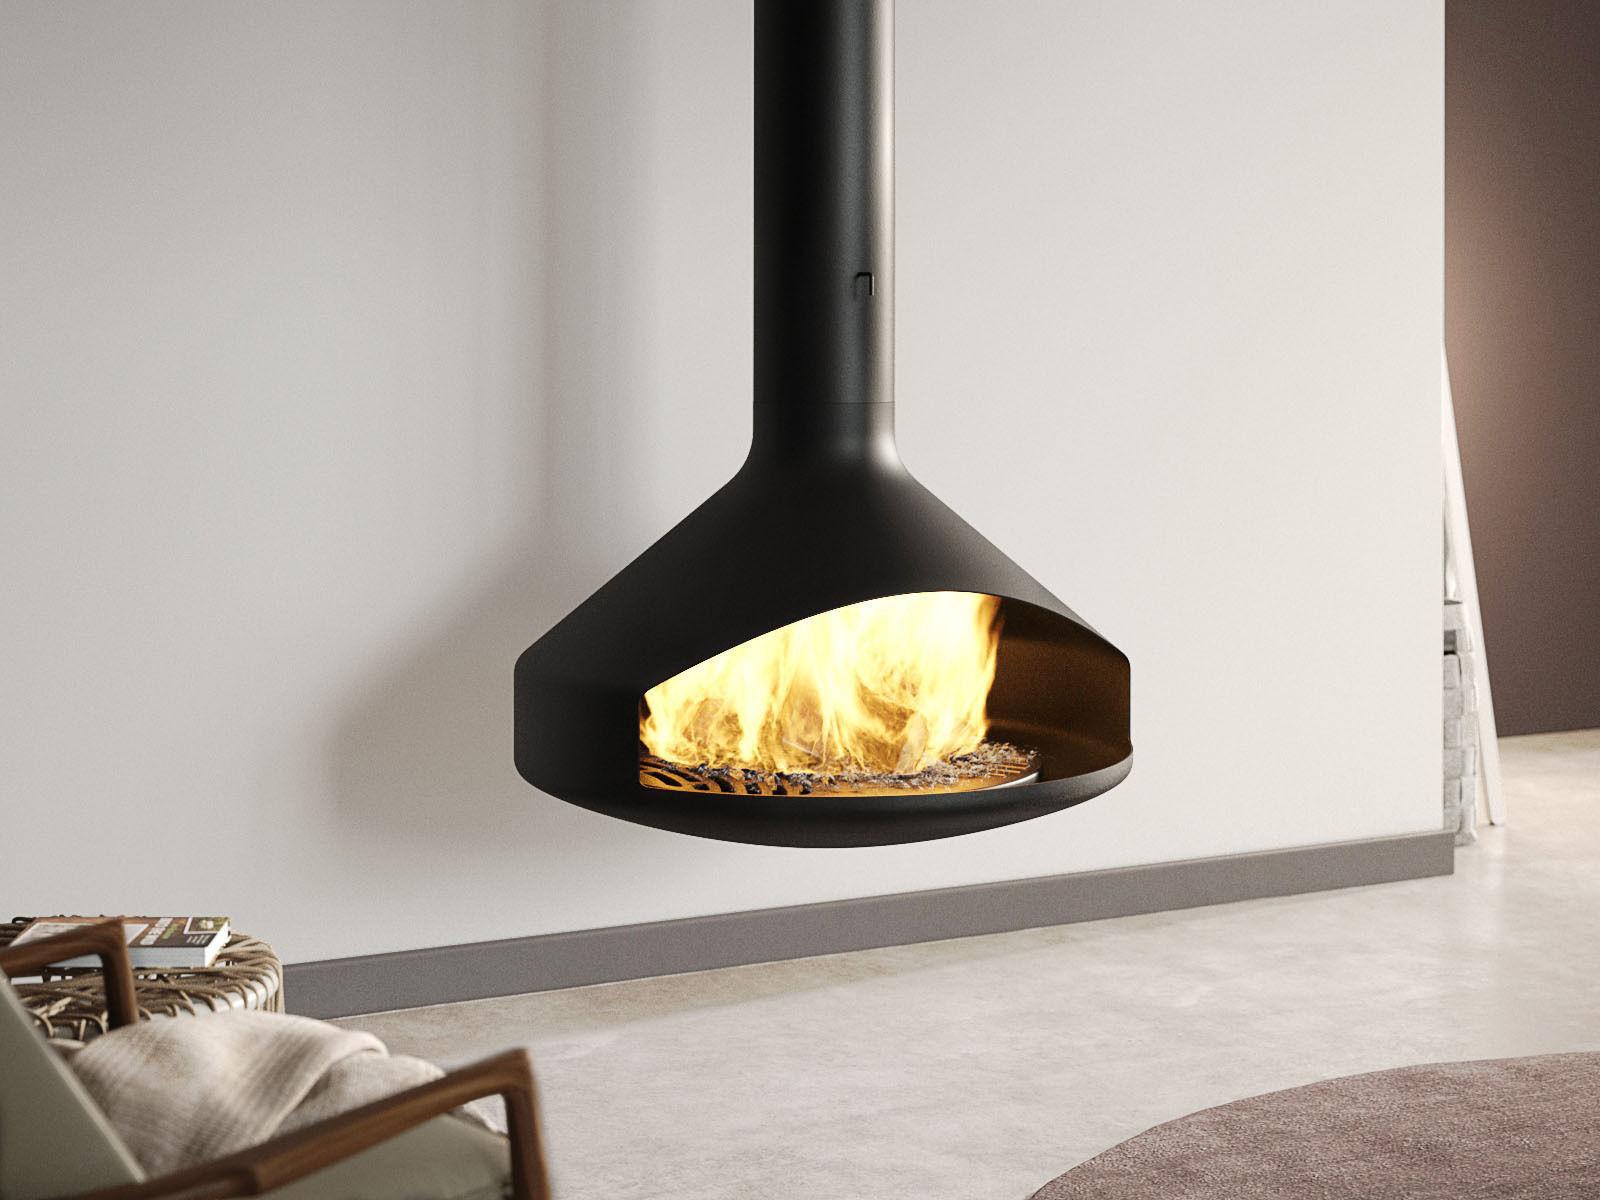 Ergofocus Fireplace